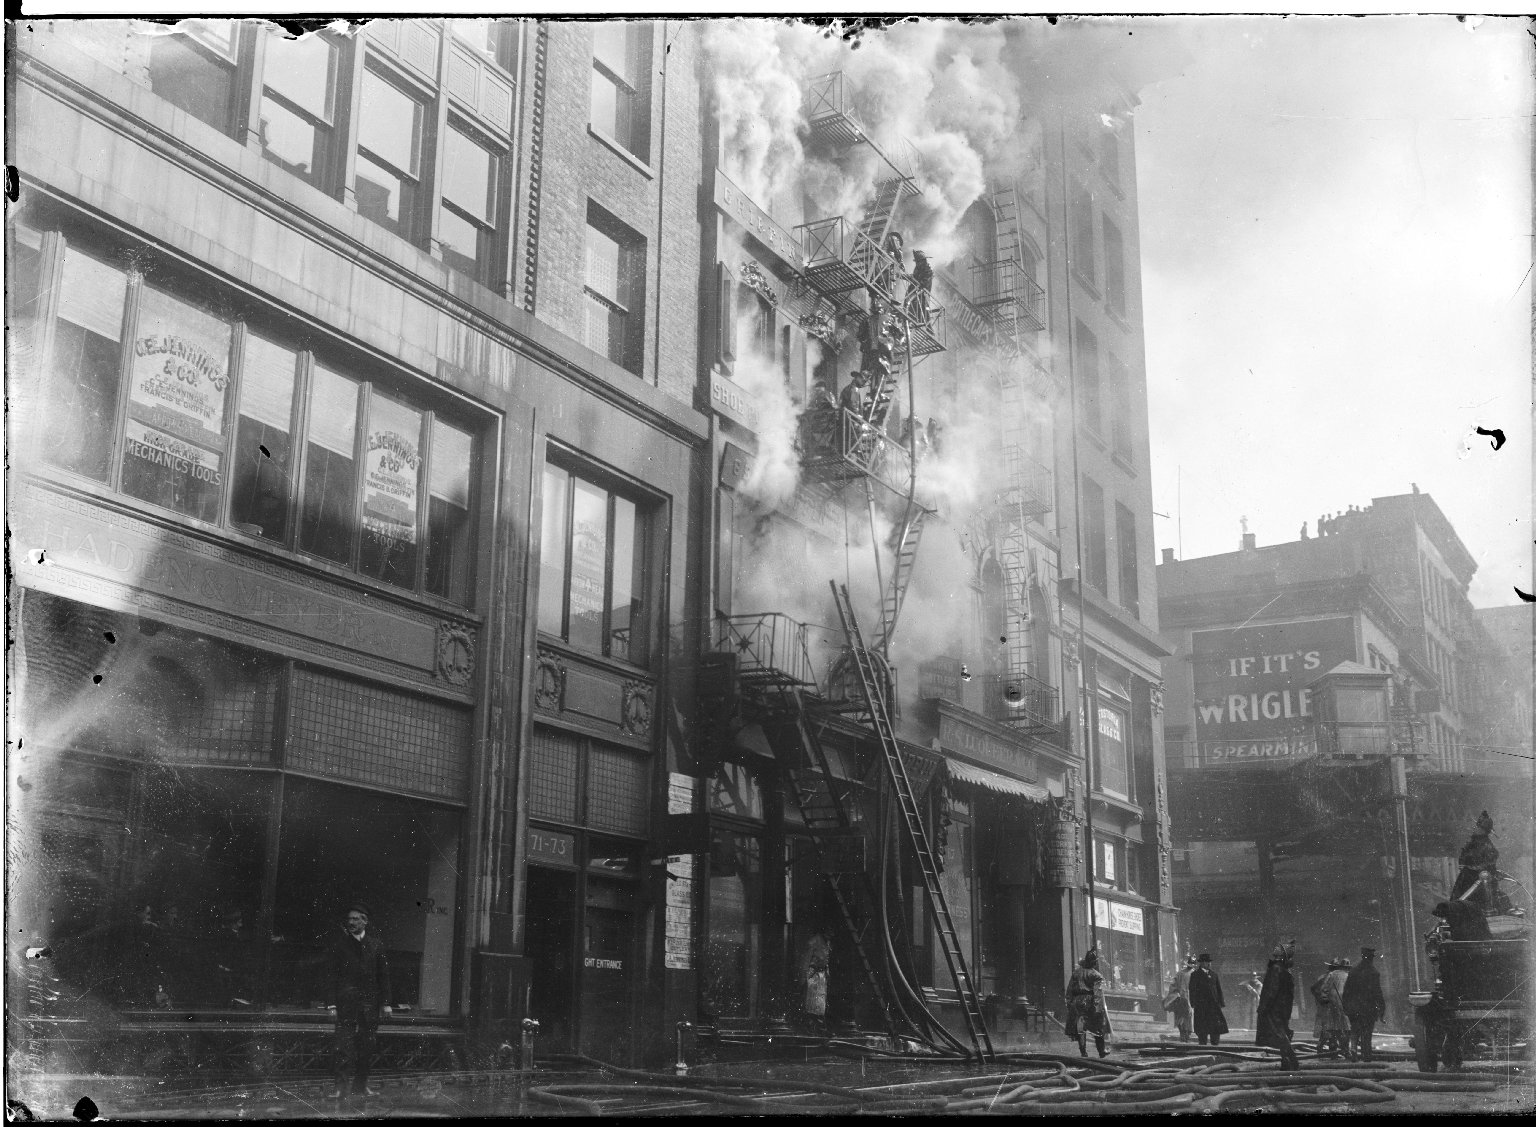 Тушение пожара. Нью-Йорк, США. 1918 год